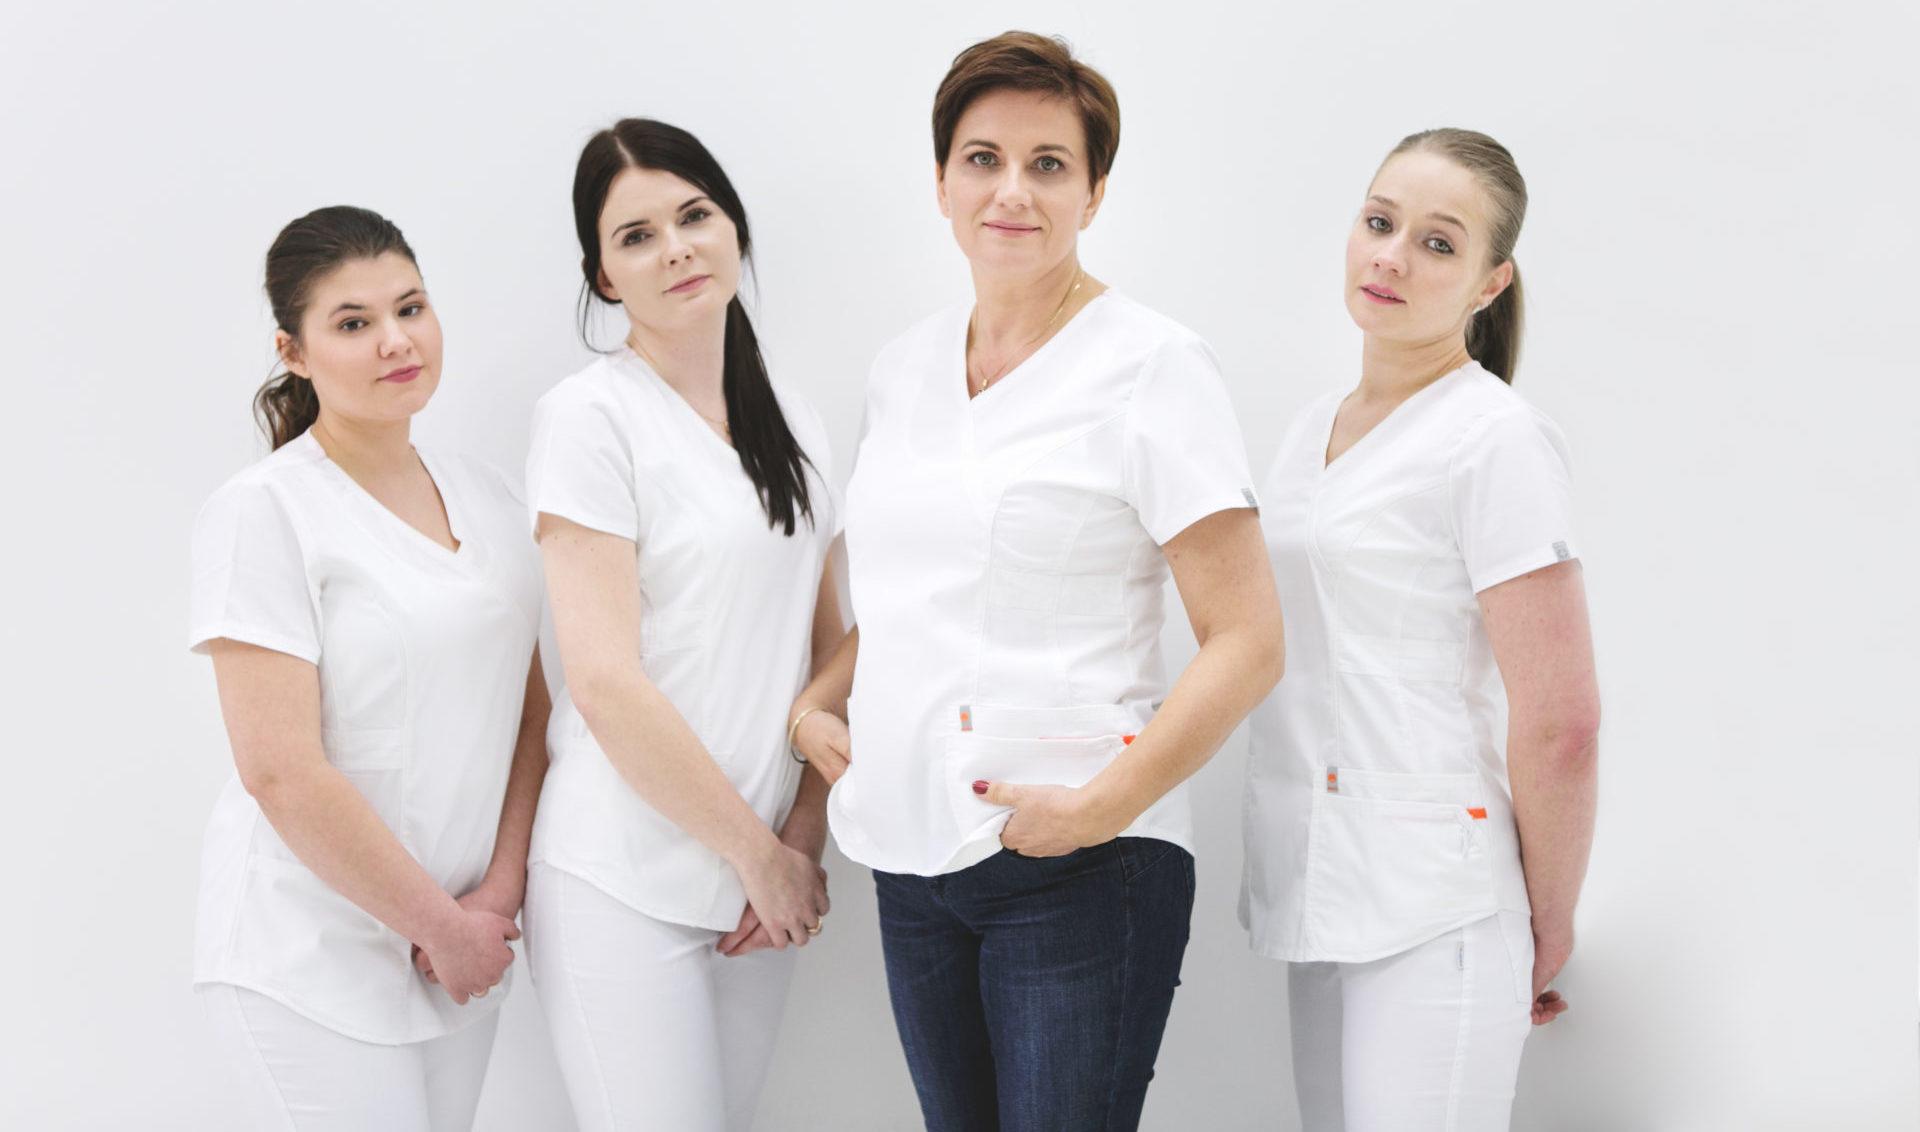 Ortodonta Prudnik Nysa - zespół